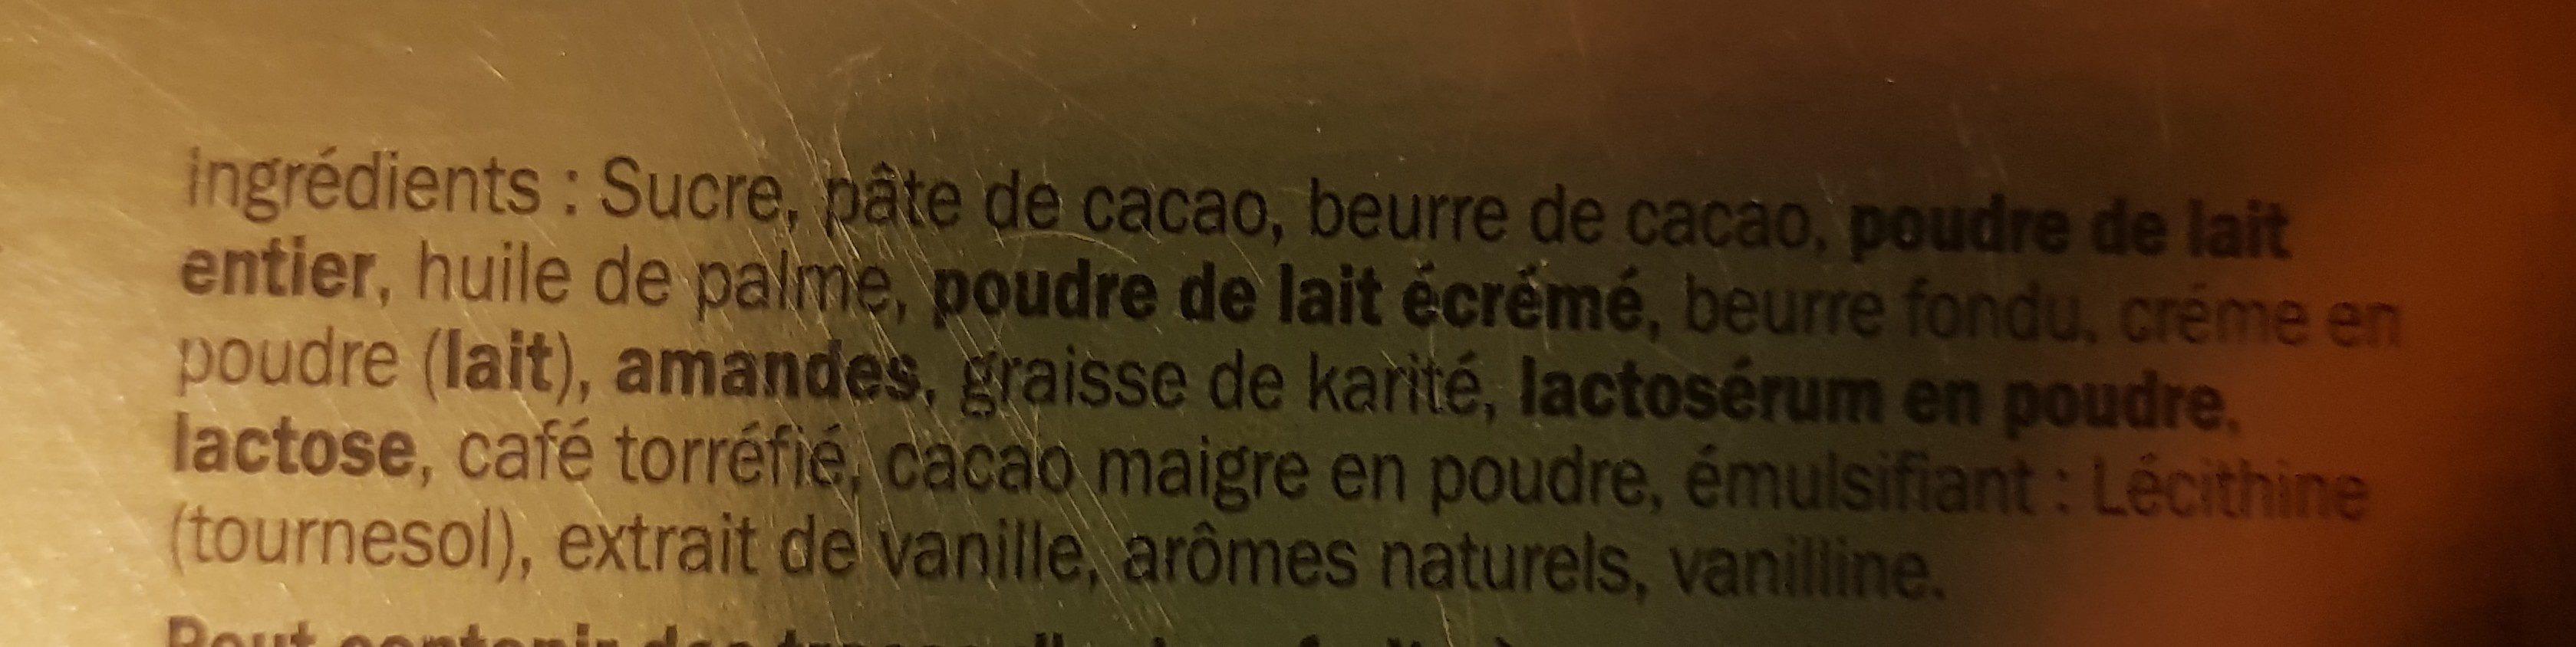 Selezione di cioccolato assortito - Ingrédients - fr